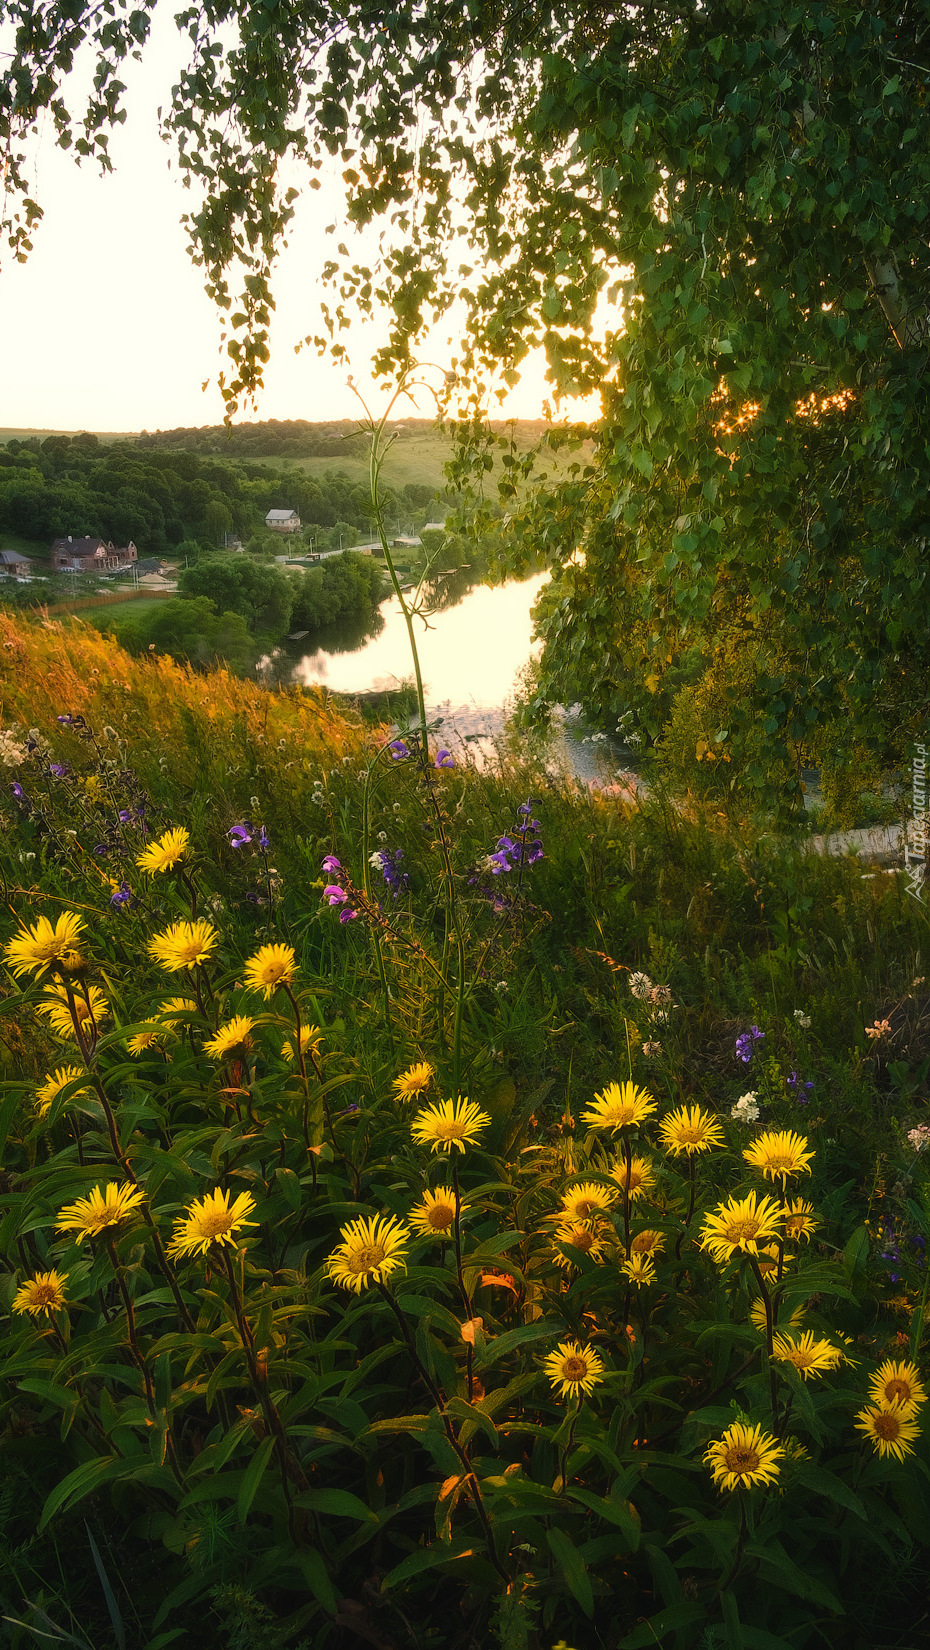 Żółte kwiaty nad rzeką Krasivaya Mecha